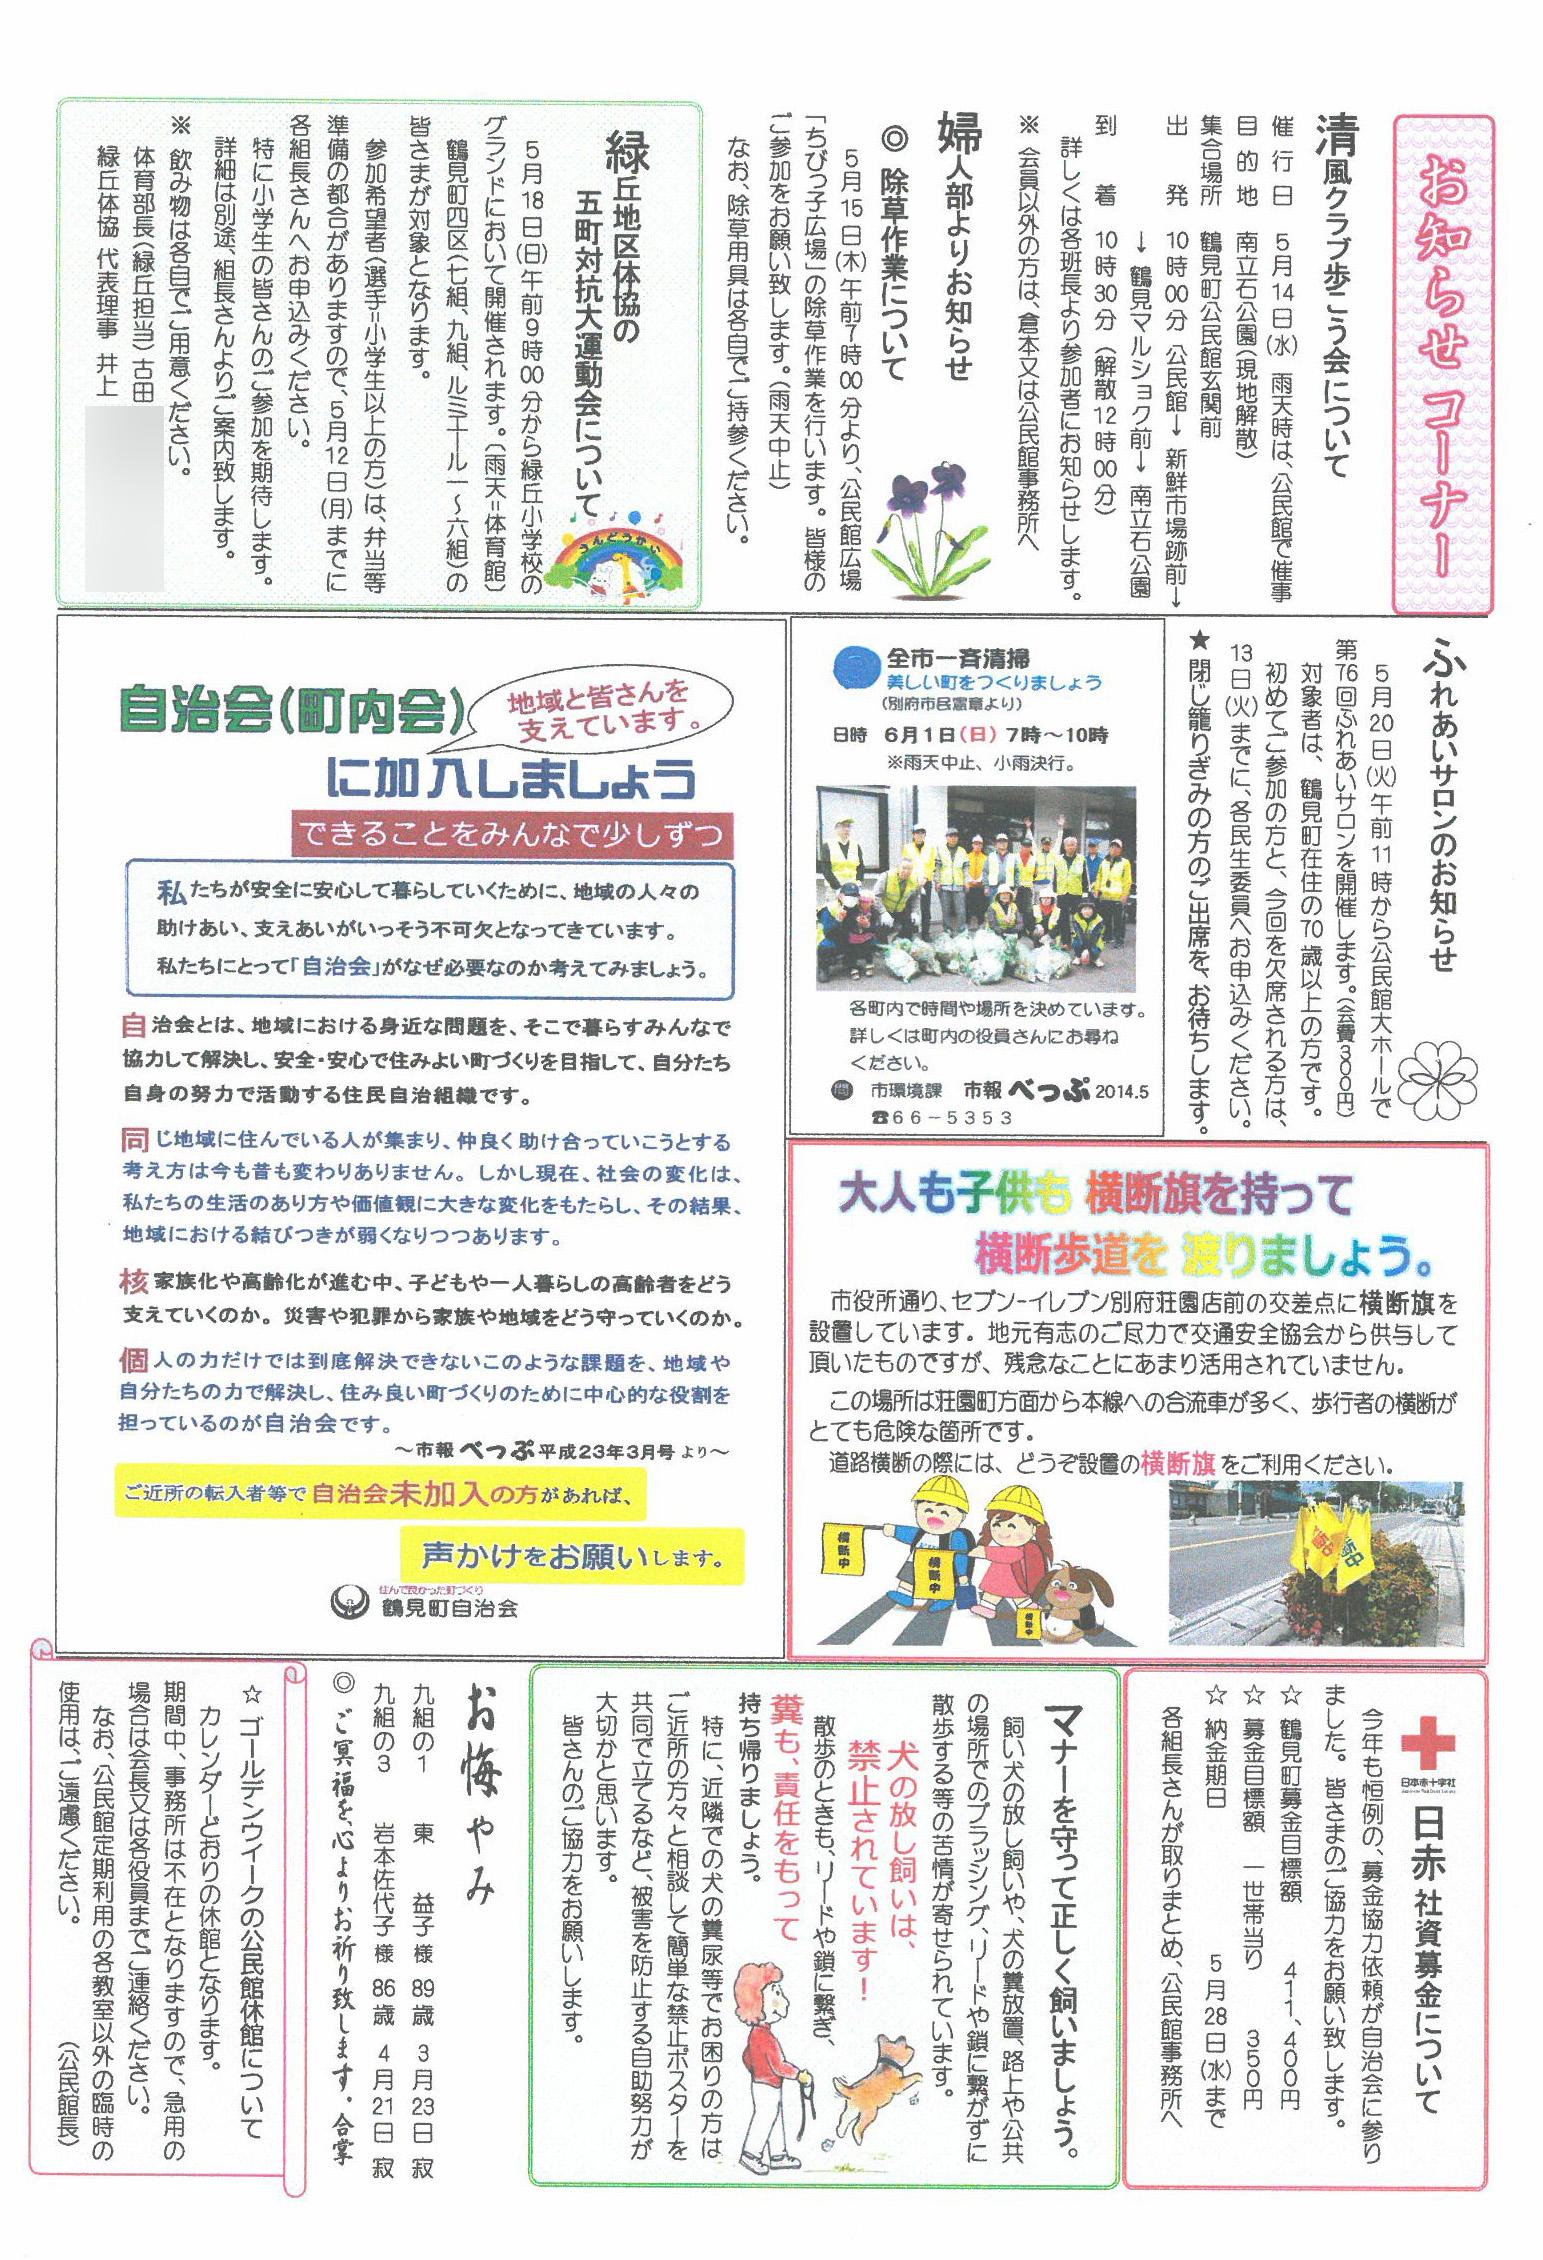 tsurumi2014_05_02